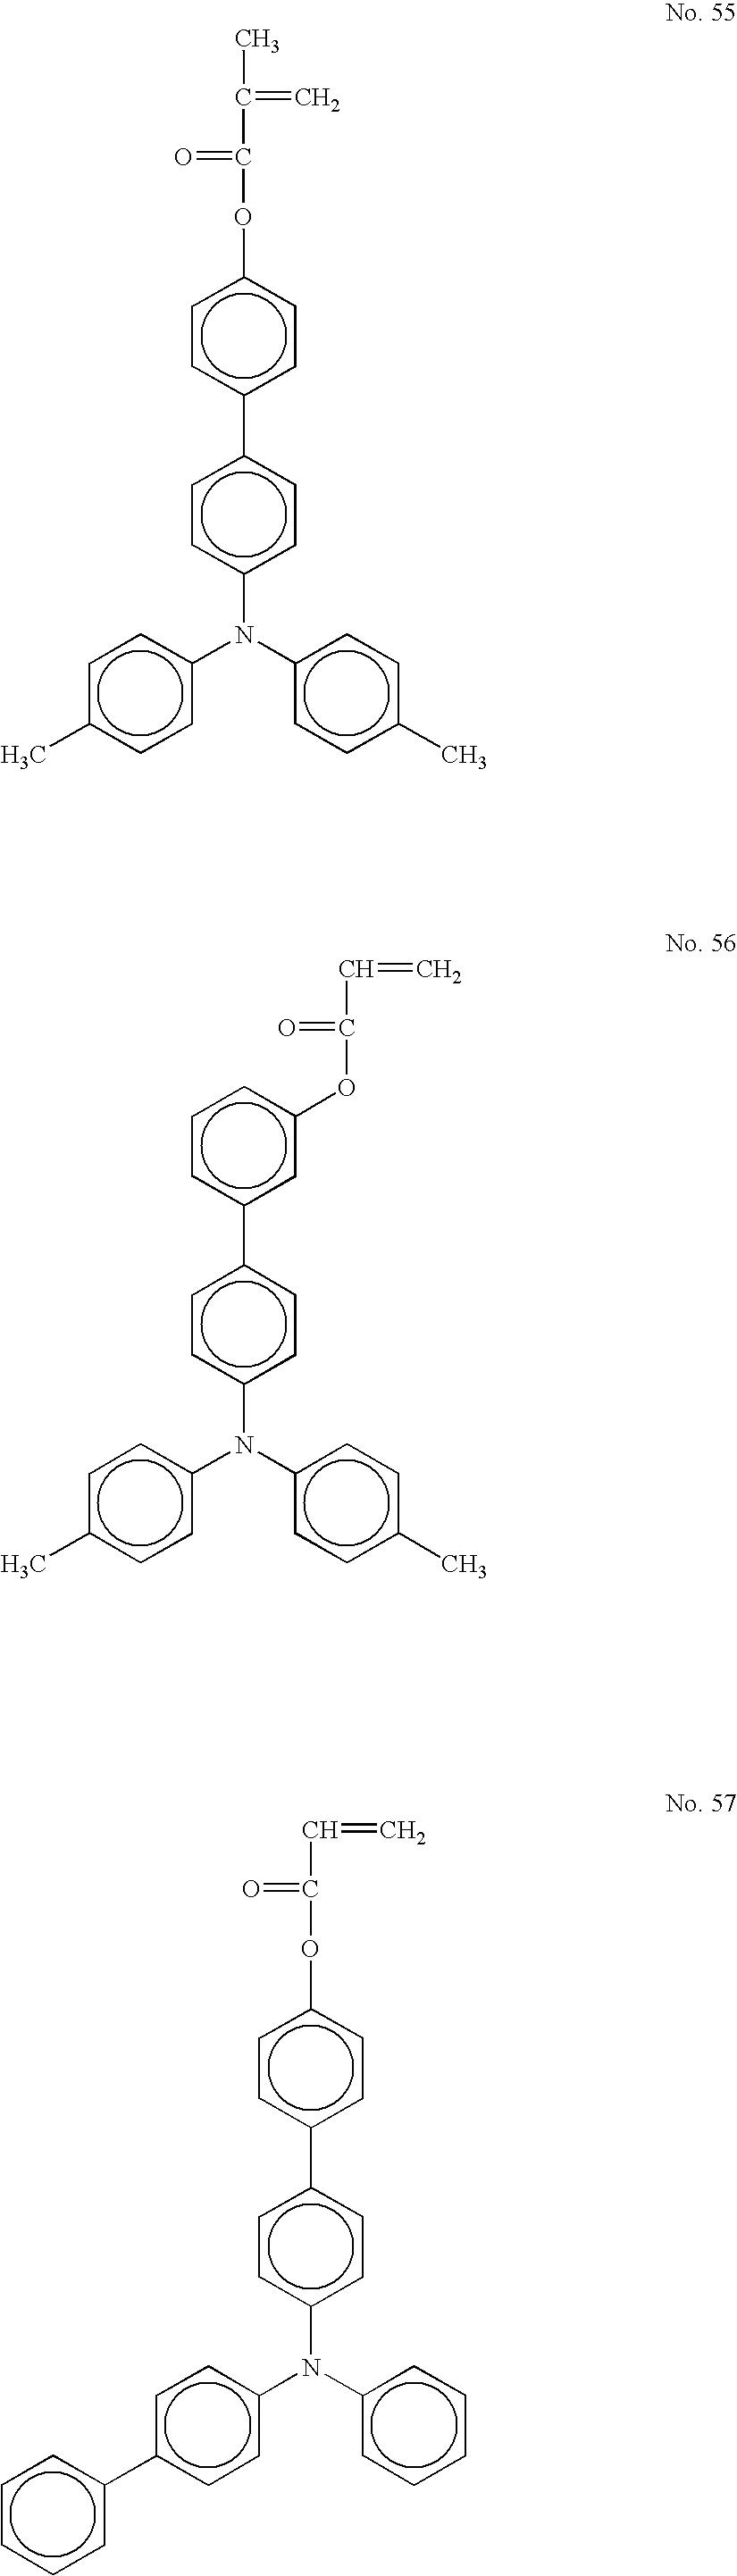 Figure US07175957-20070213-C00030